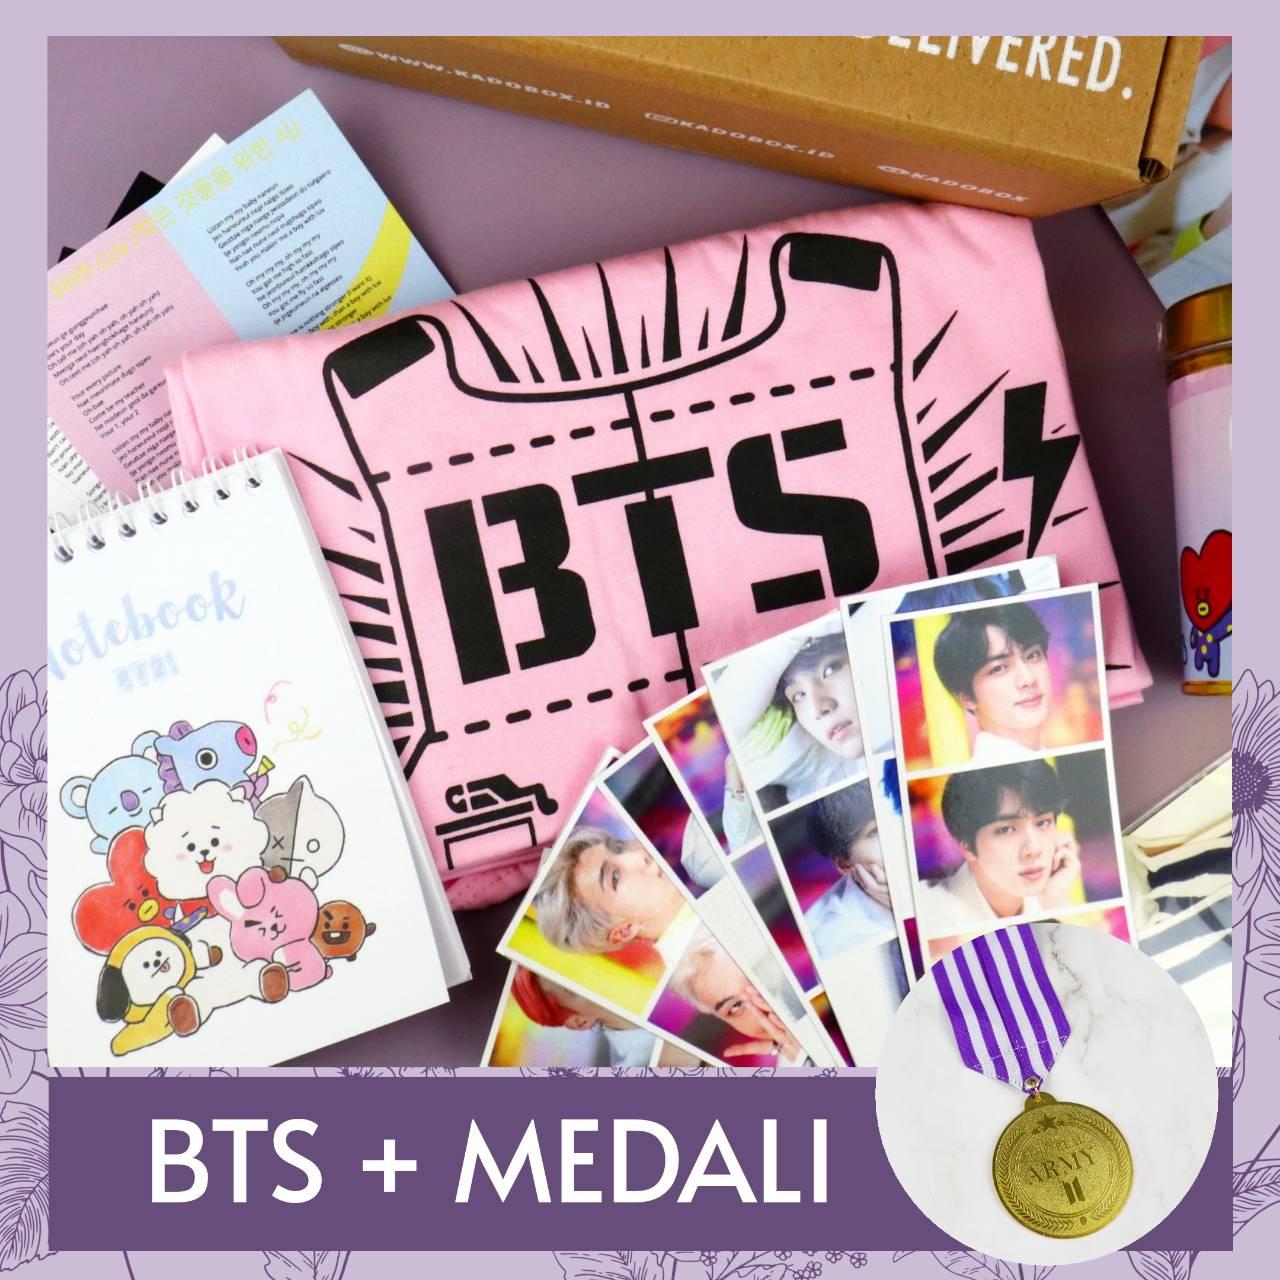 BTS + MEDALI